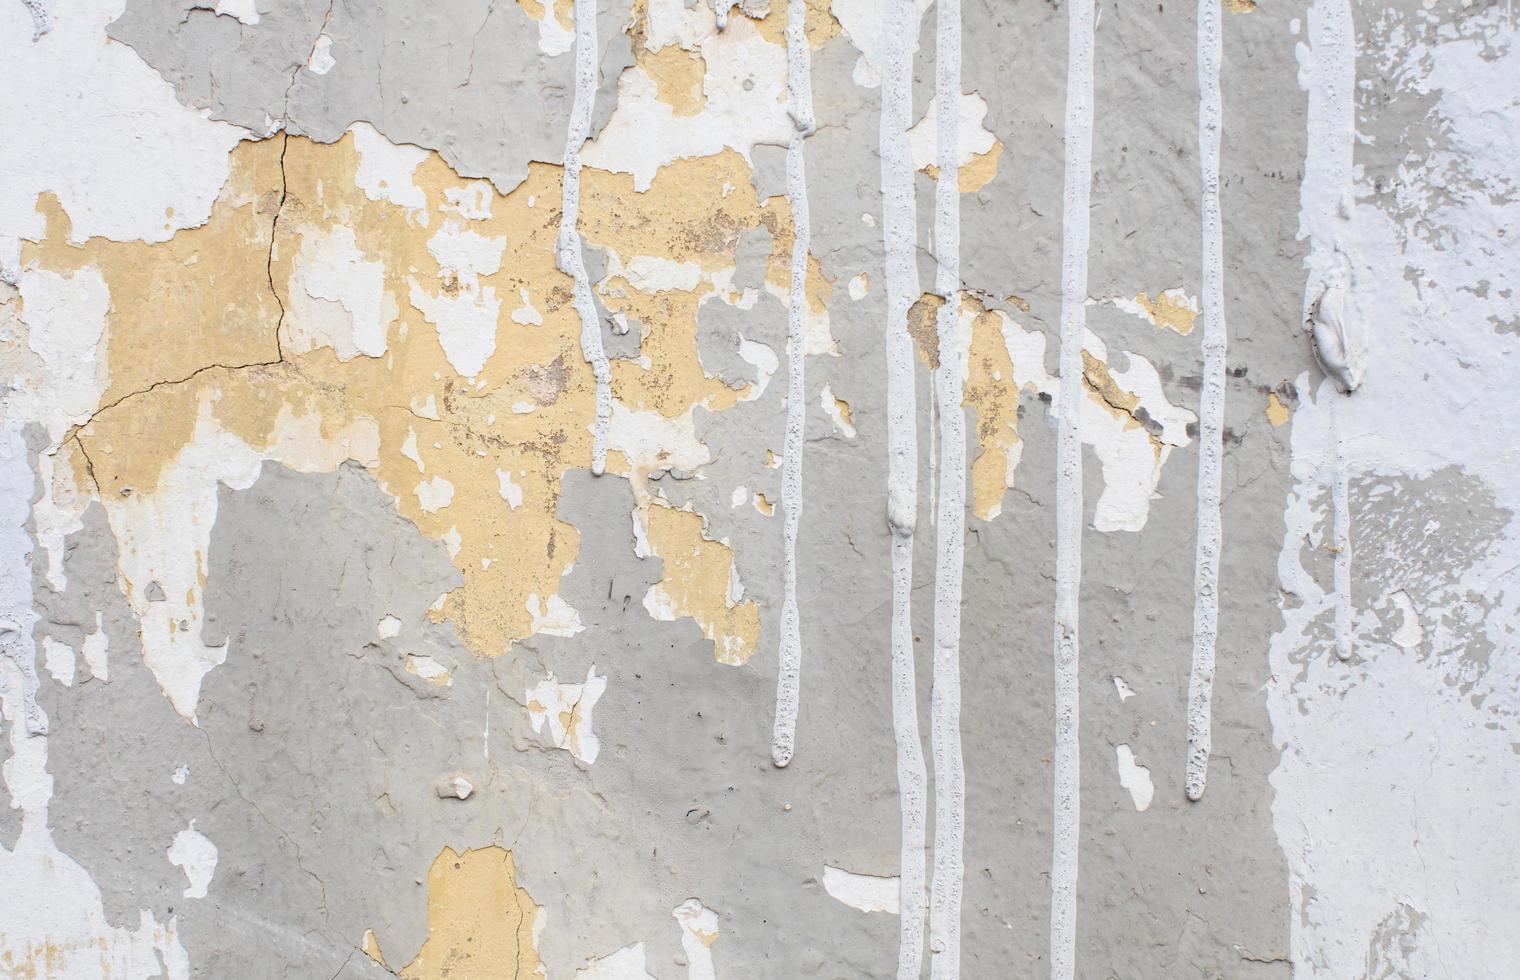 de la peinture blanche coule sur un mur photo